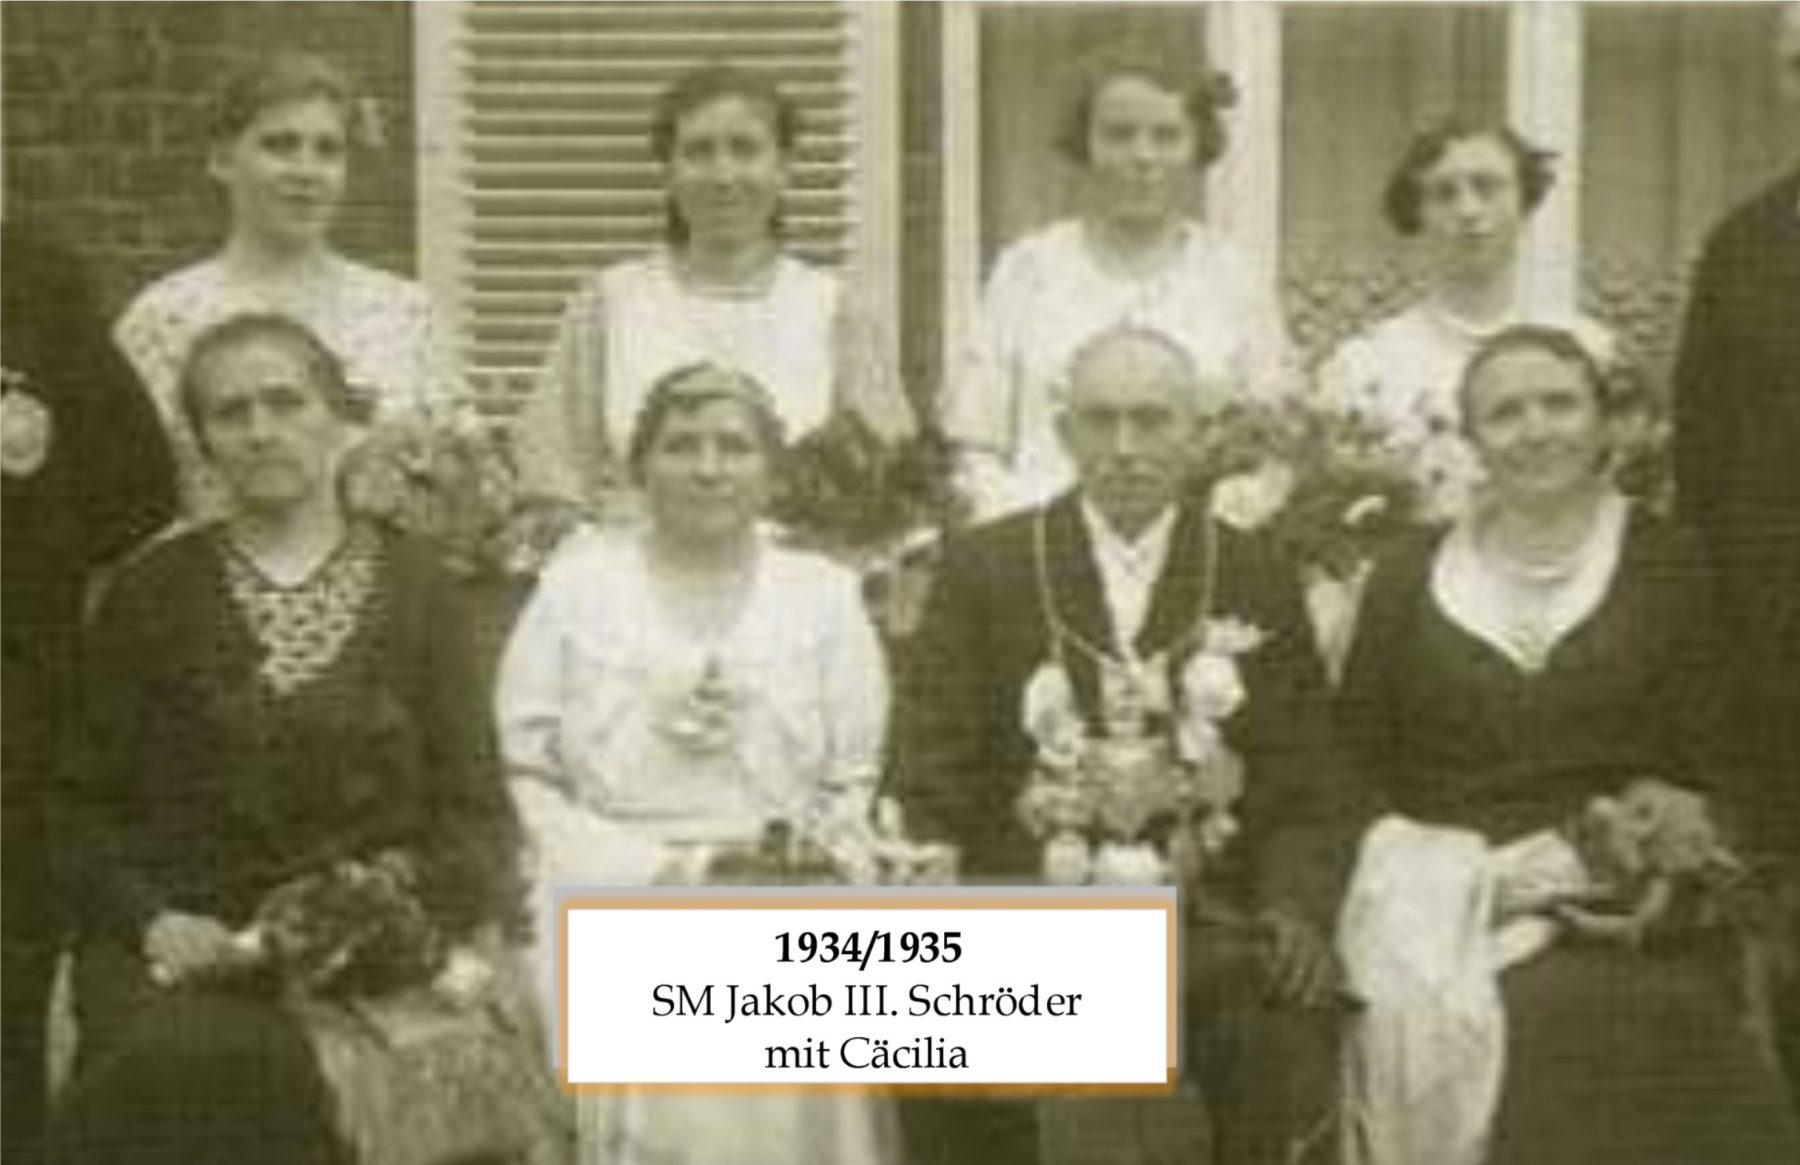 SM 1934/35 Jakob III Schröder mit Cäcilia